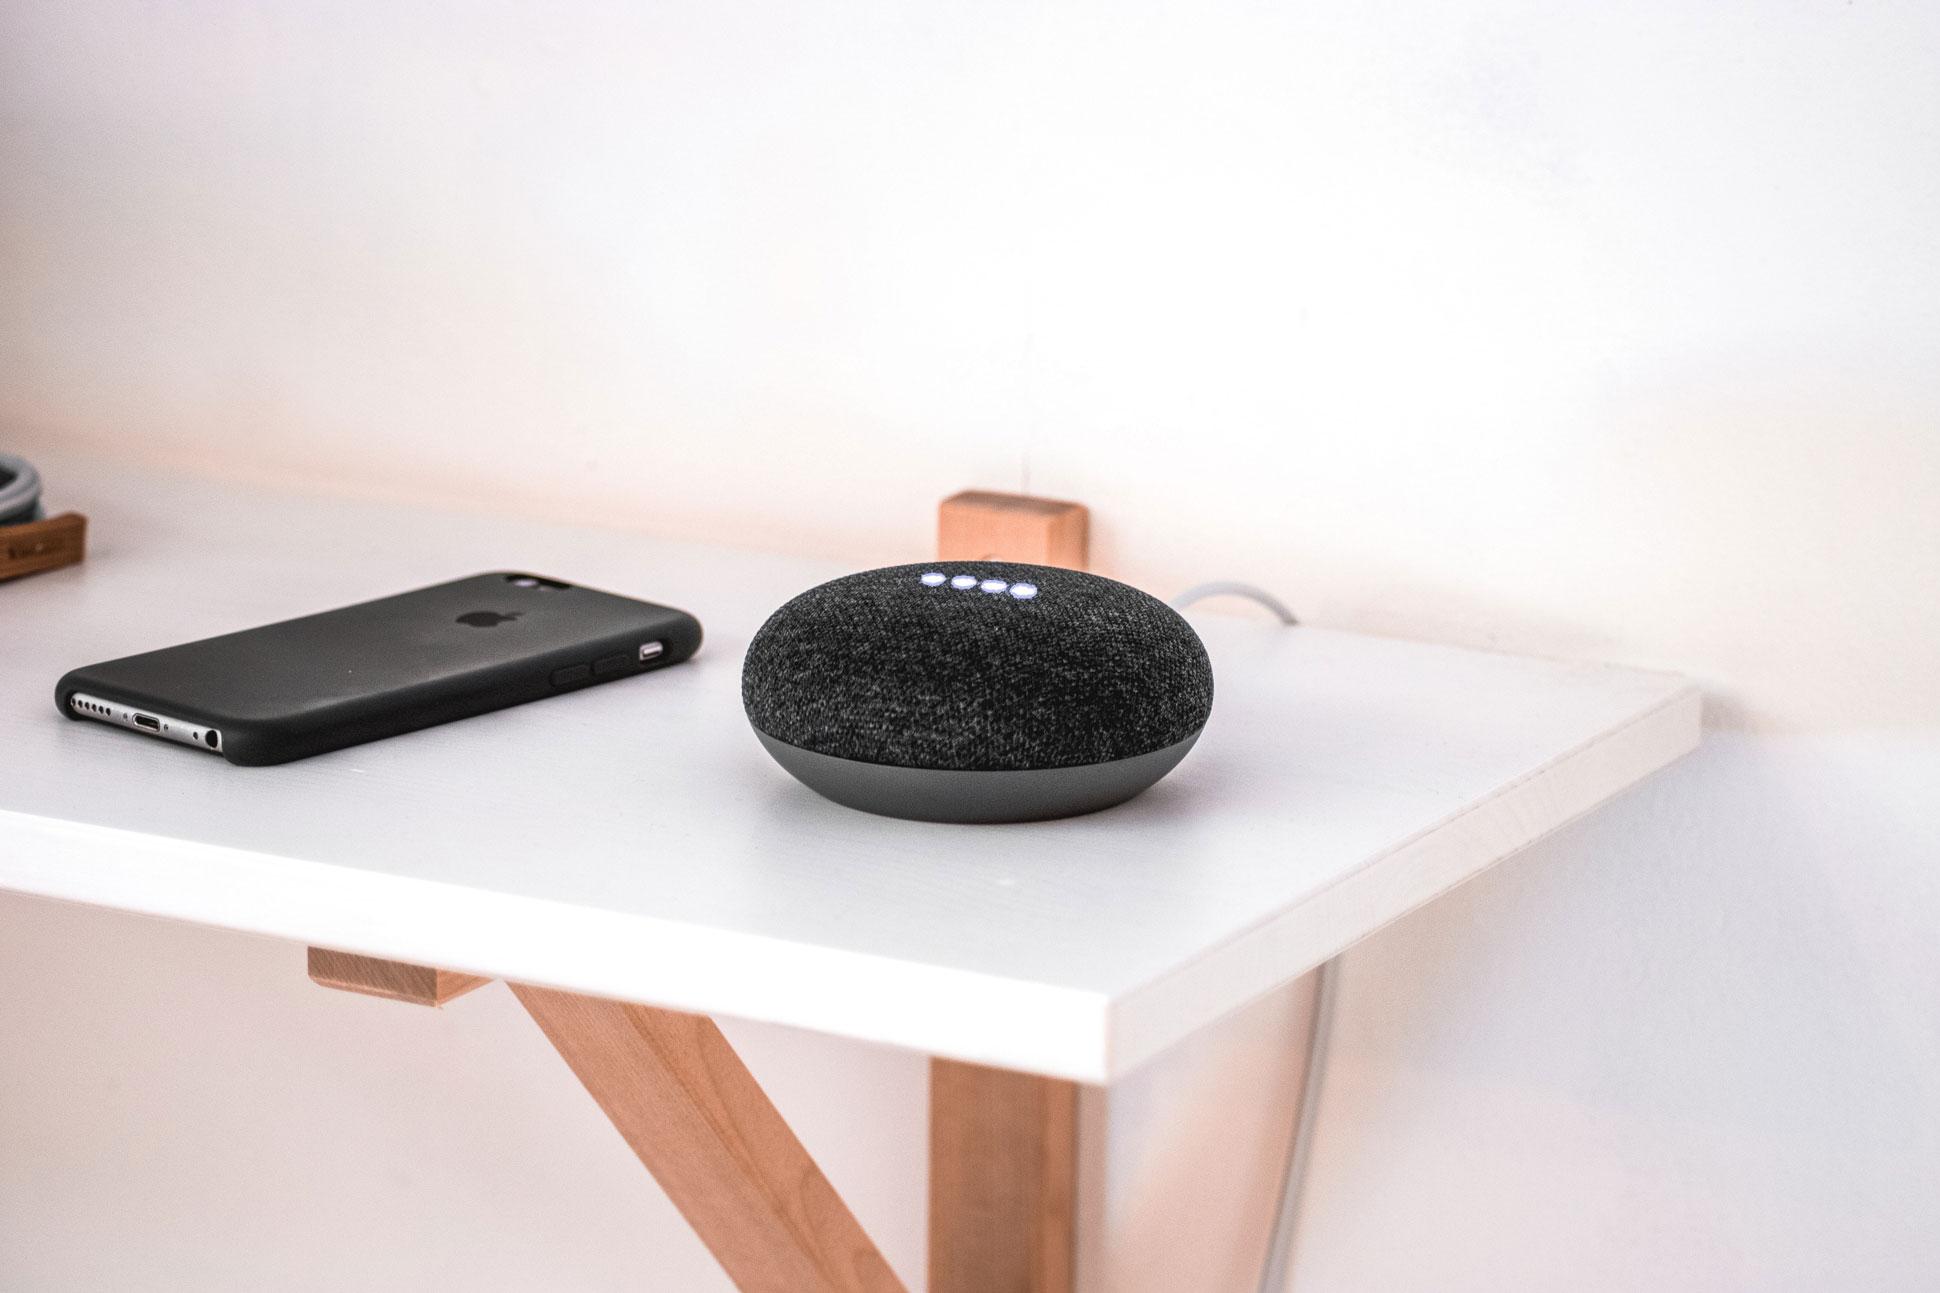 Google Mini Voice Speaker for the home